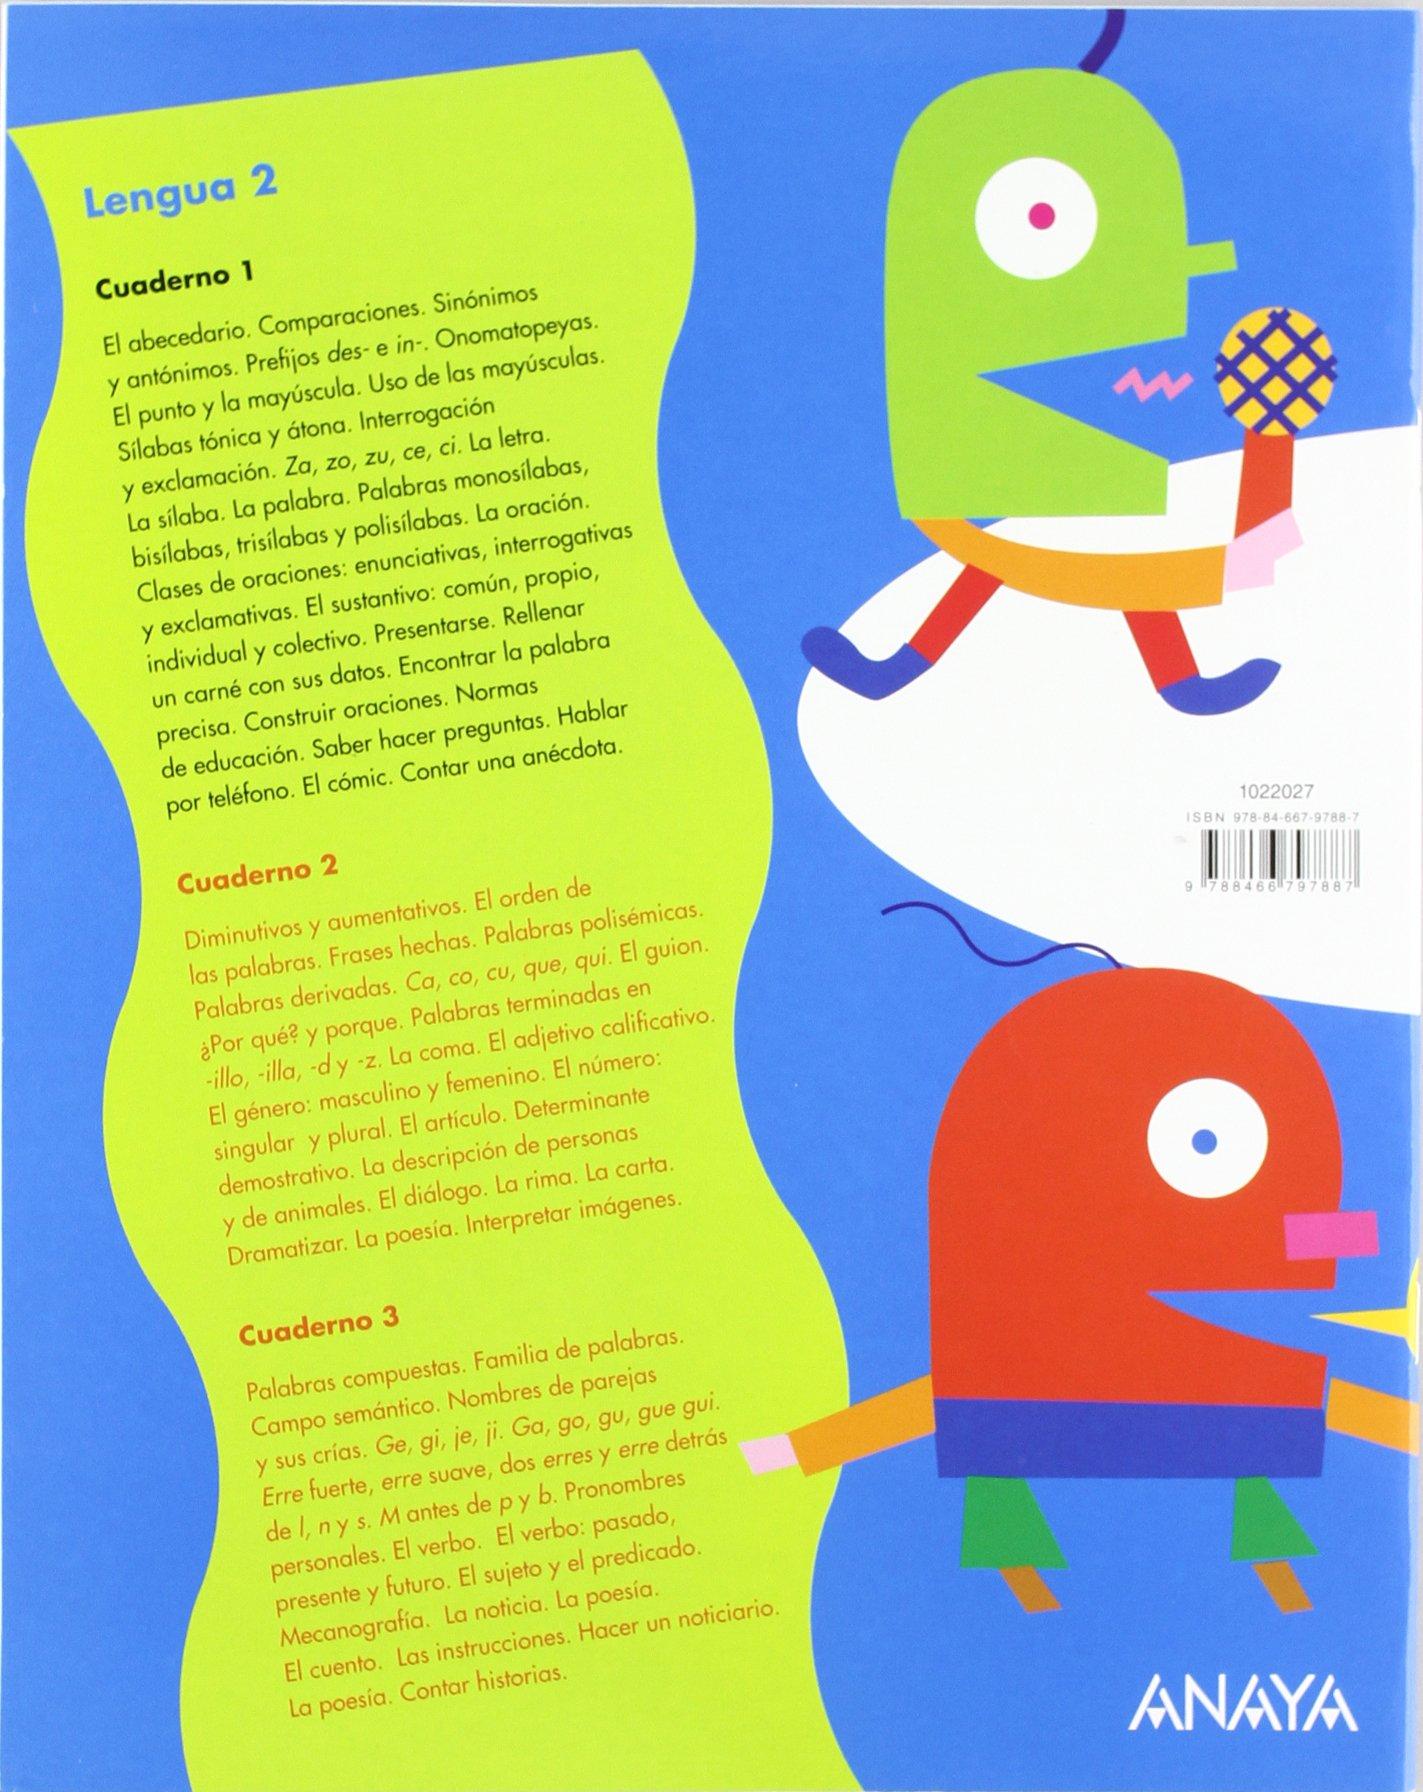 Lengua 2. Cuaderno 1. (UNA A UNA): Amazon.es: Emma Pérez Madorrán, Lourdes González López, M.ª Teresa Muiño Blasco: Libros